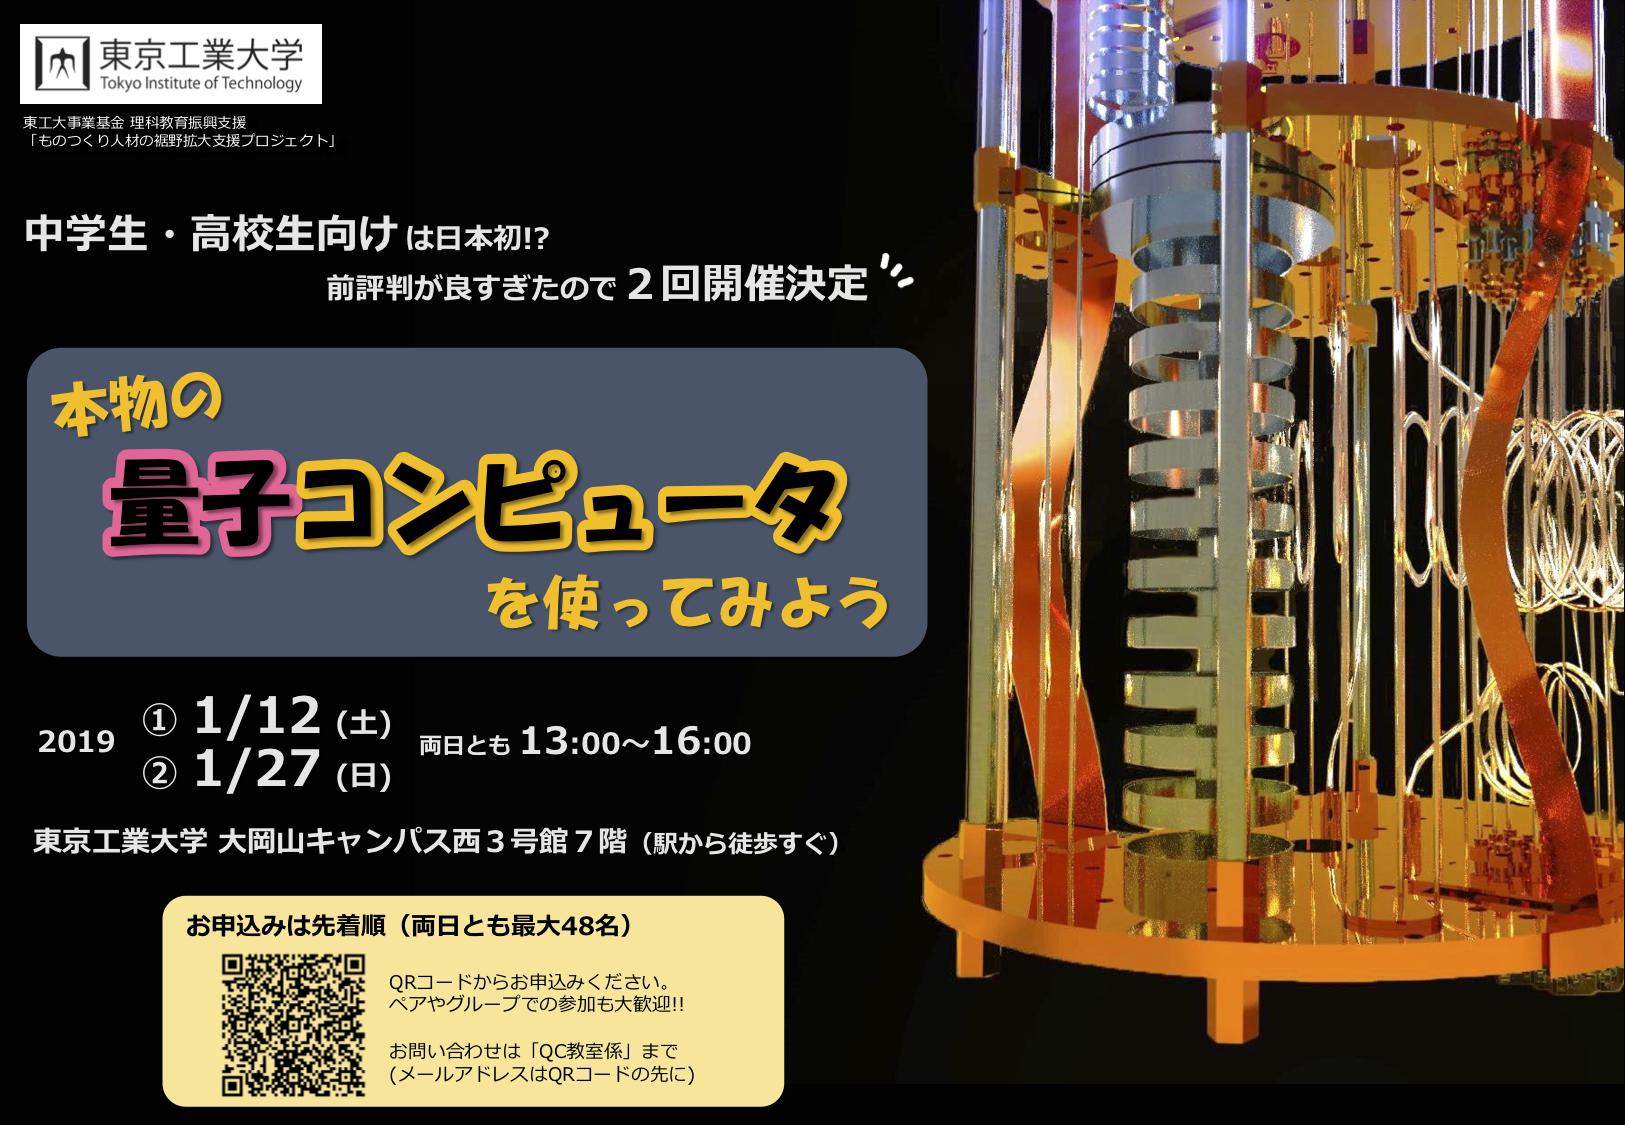 【日本初】本物の量子コンピュータを使ってみよう!